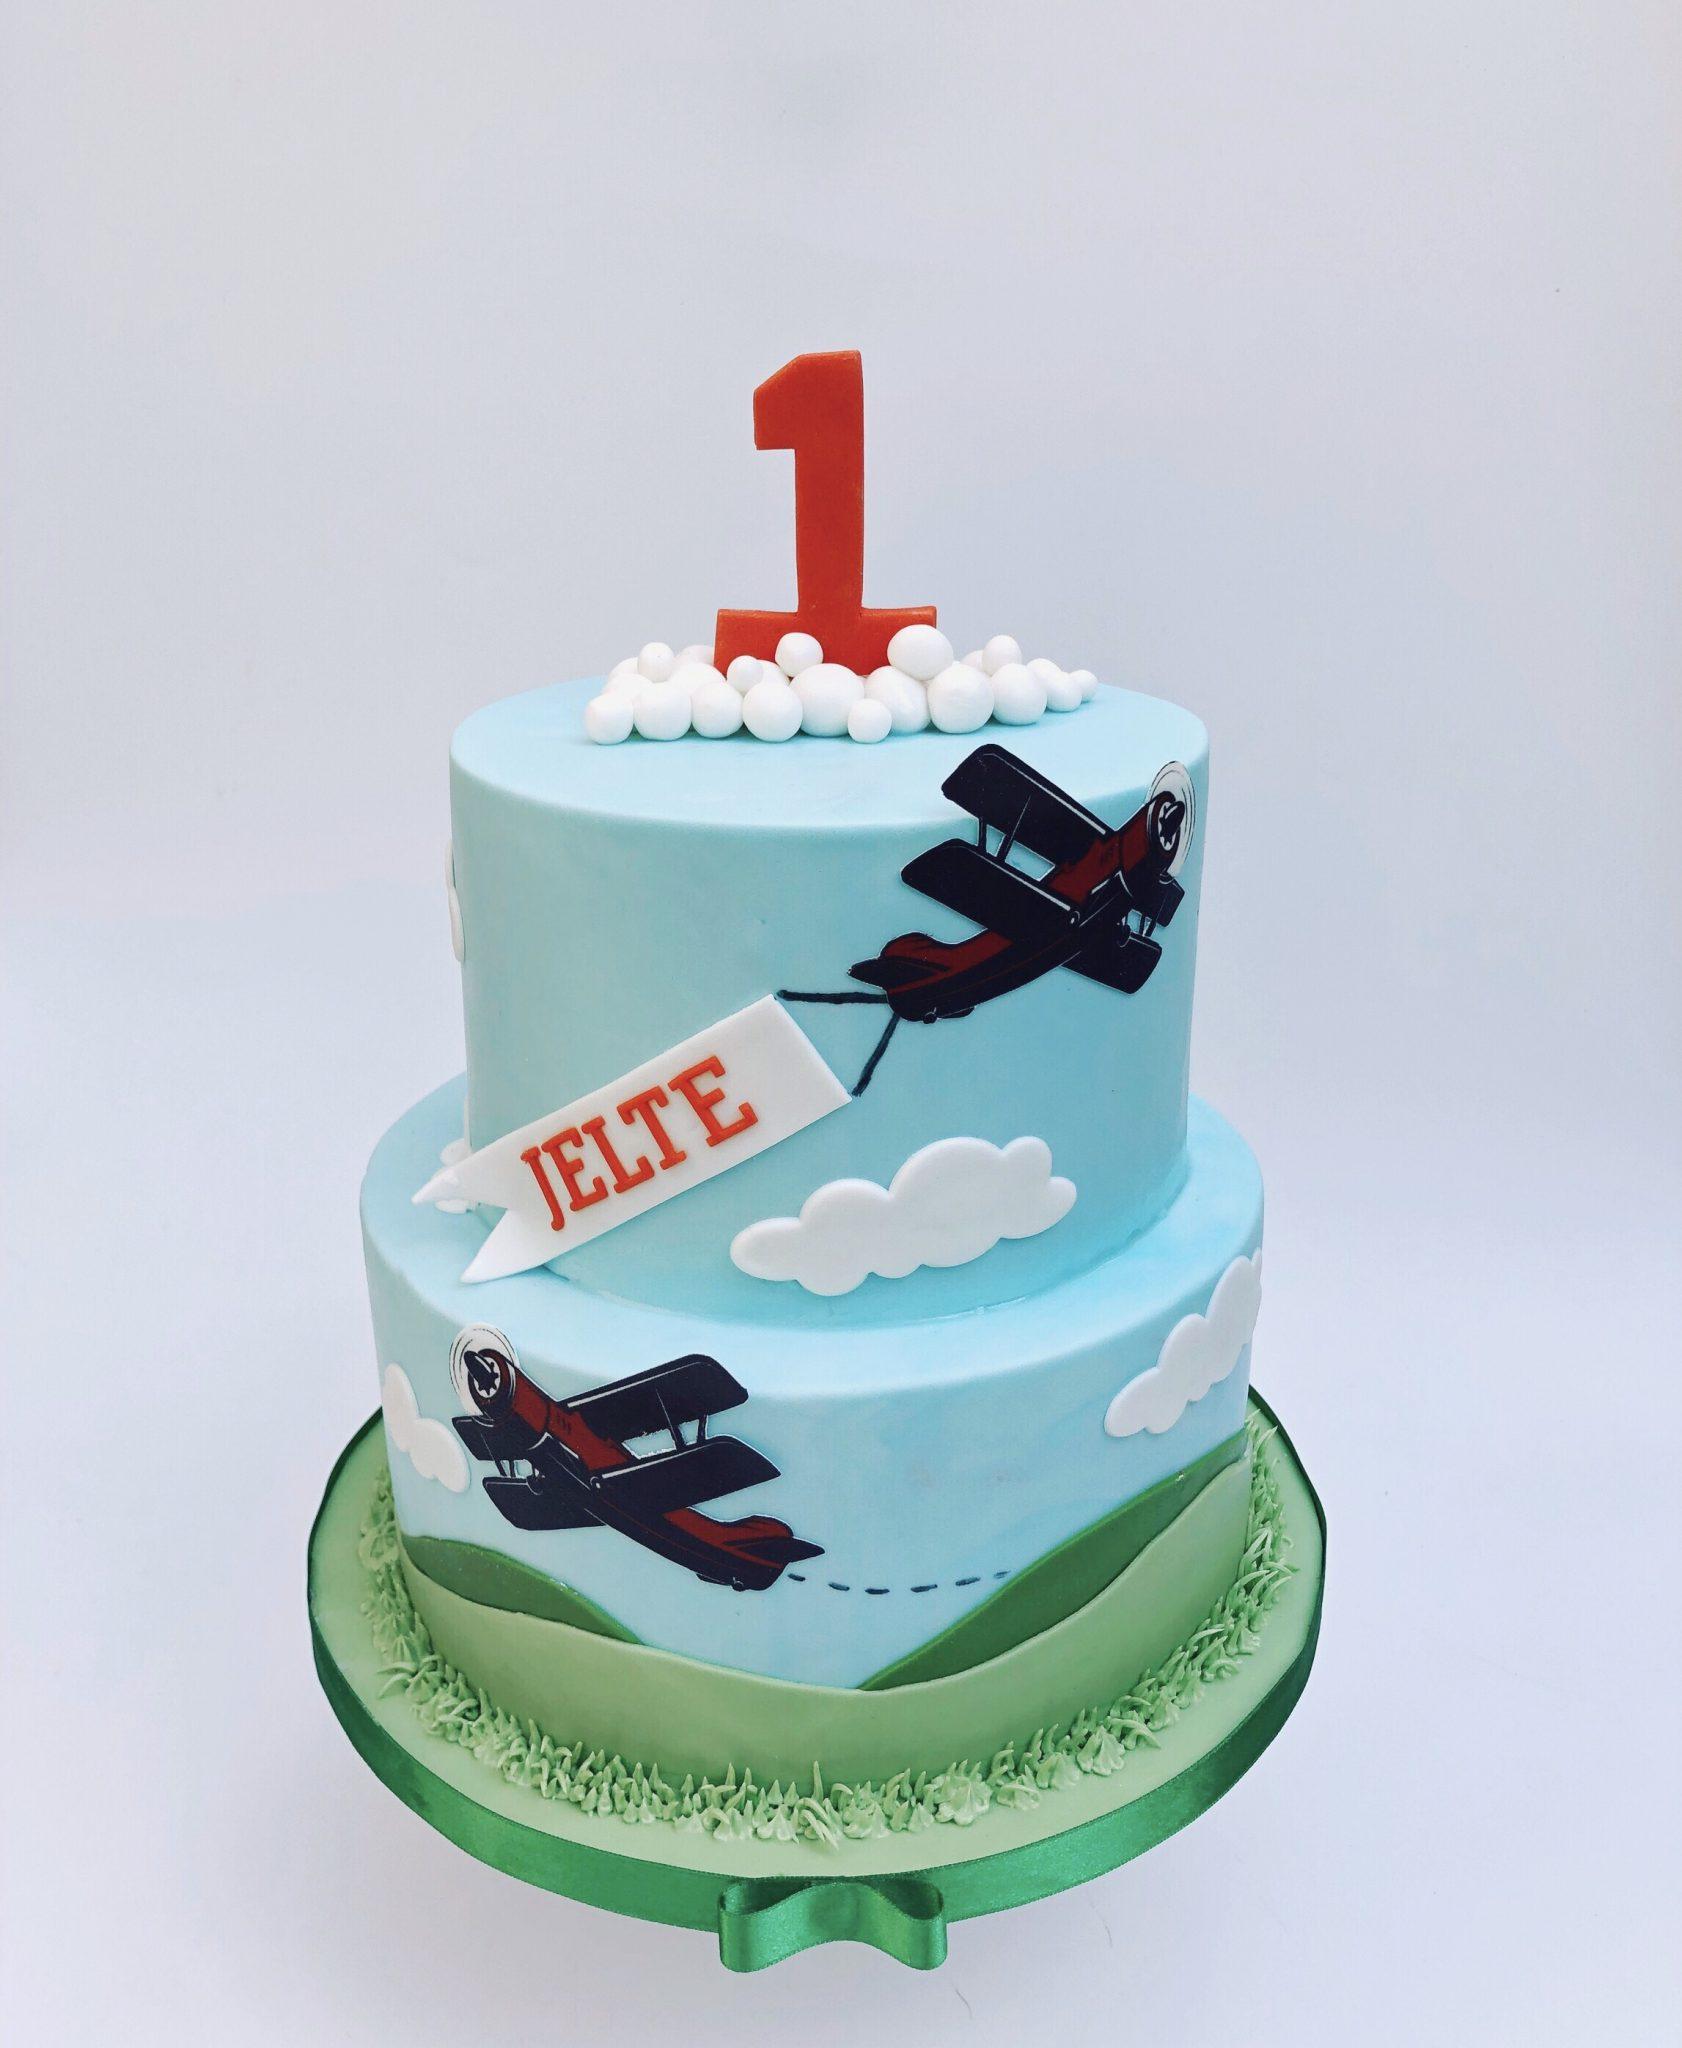 Zweefvliegtuig vliegtuigjes jongens verjaardag taart